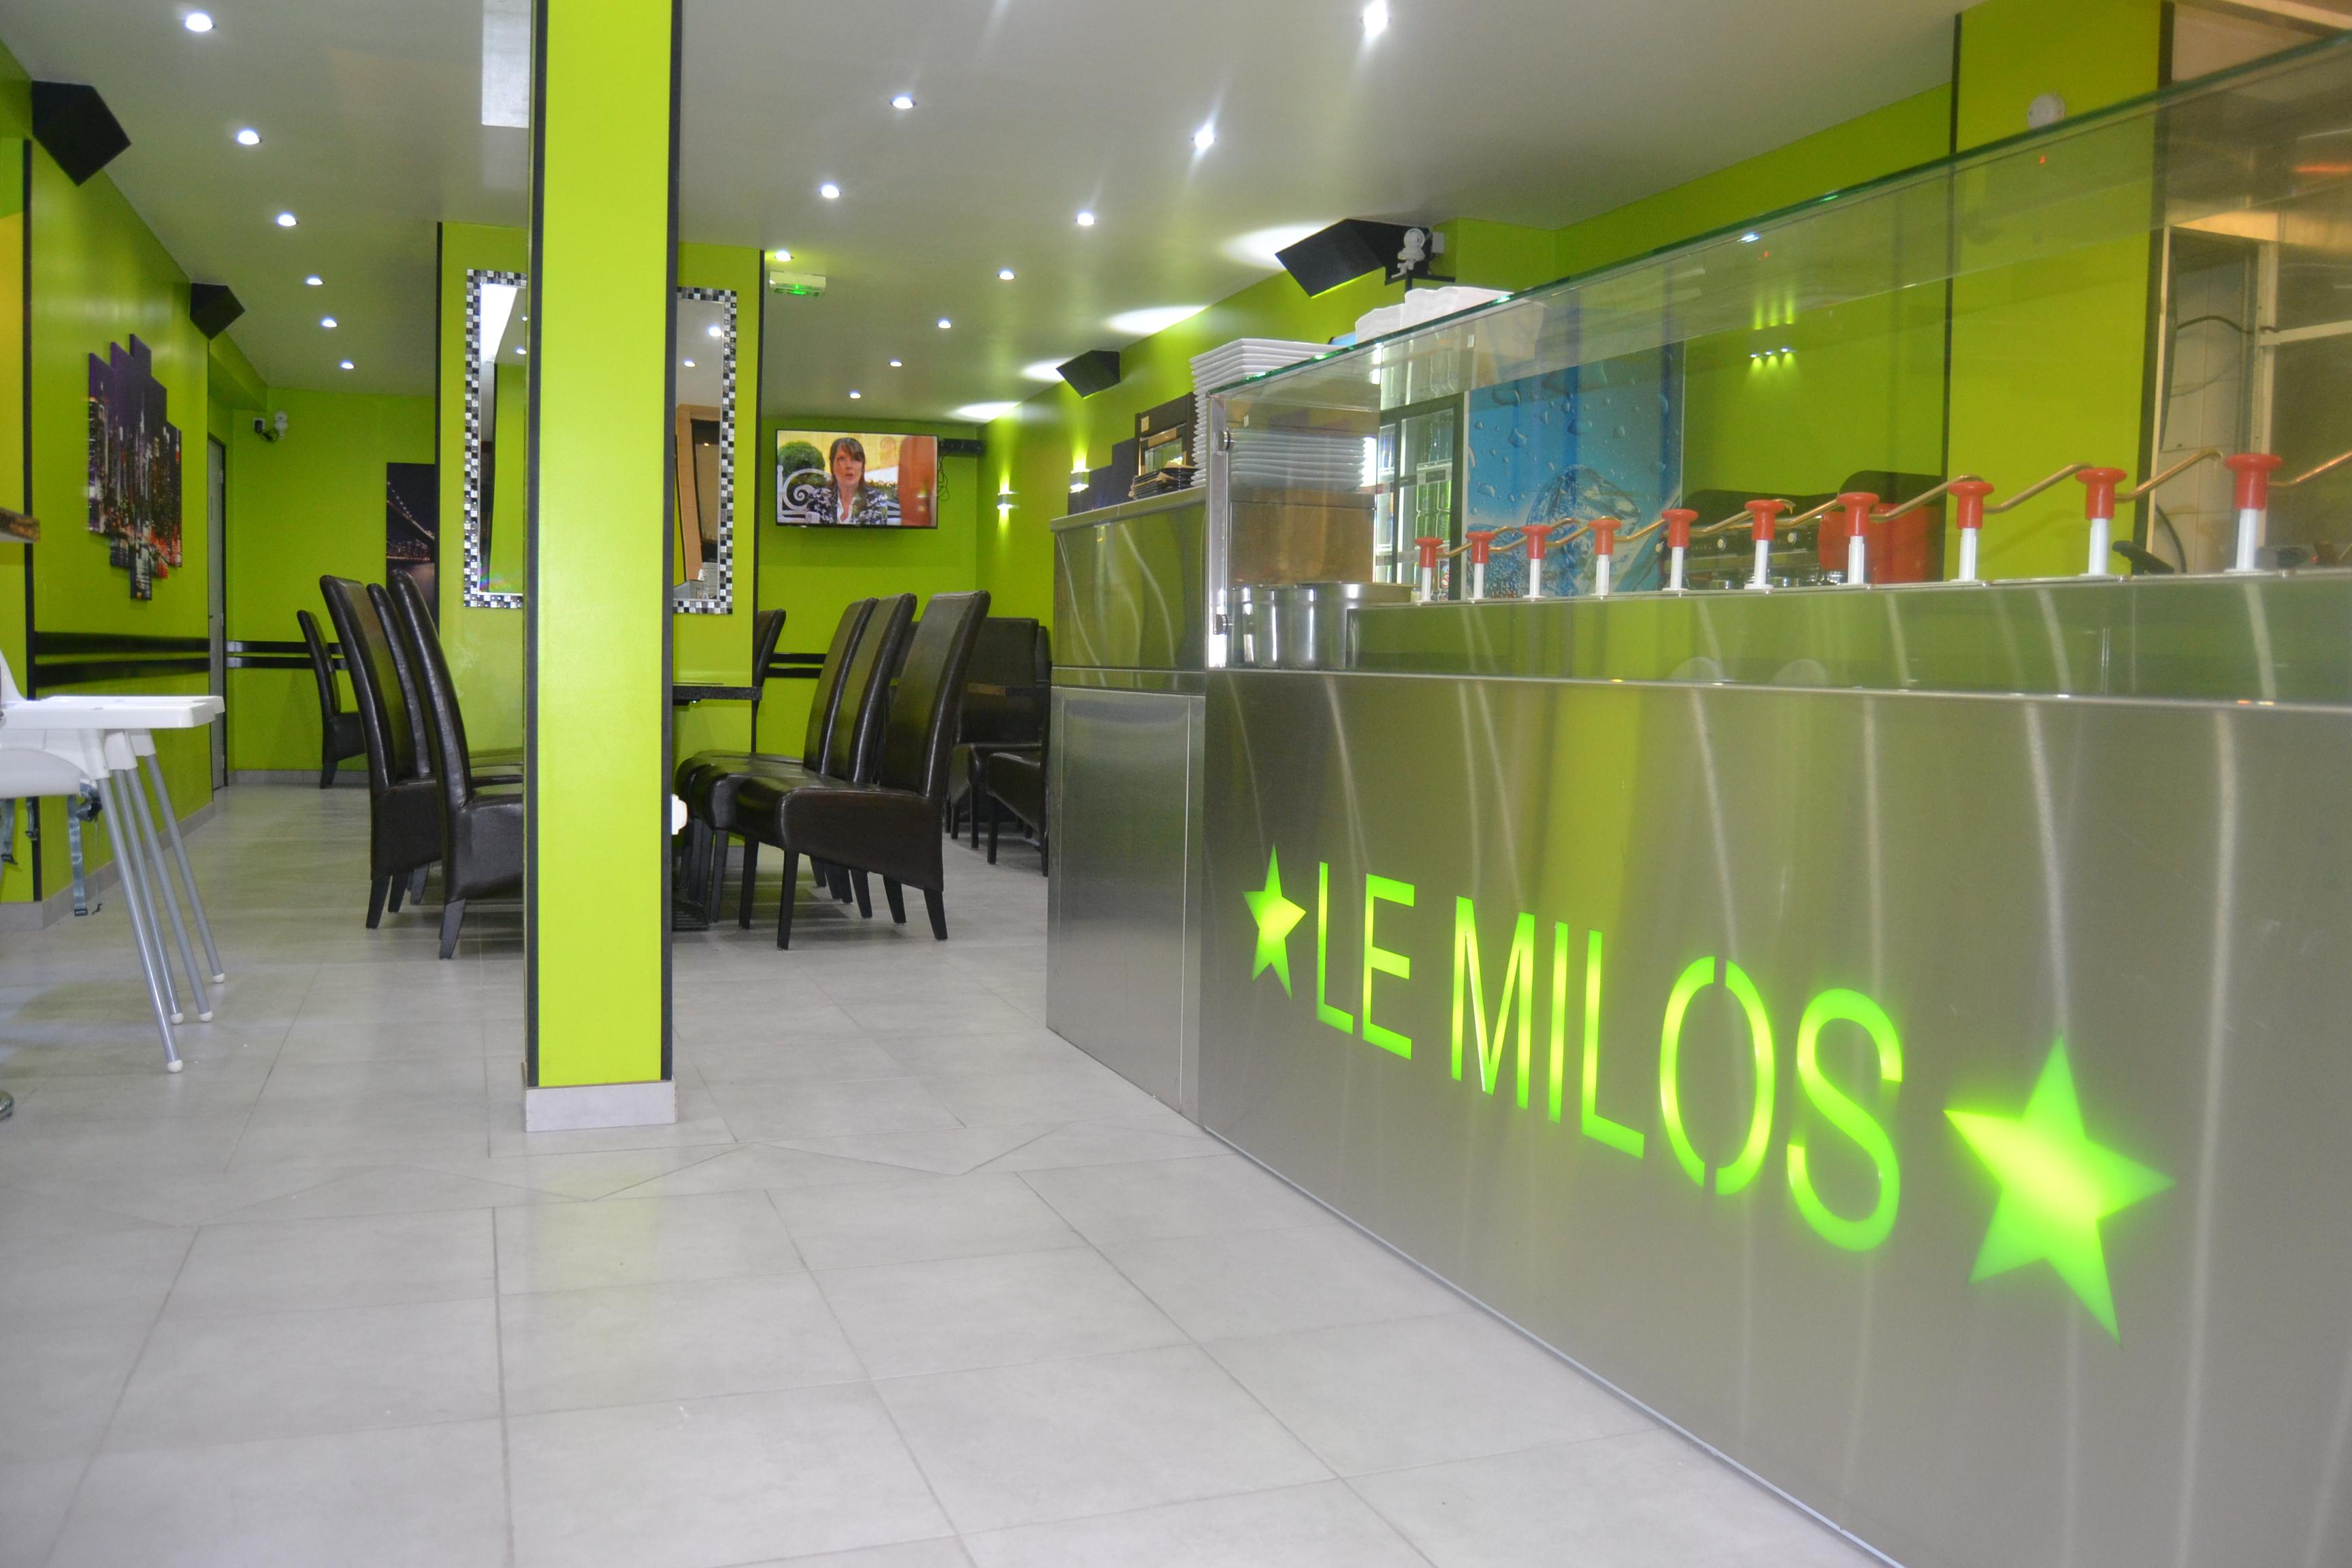 Le Milos